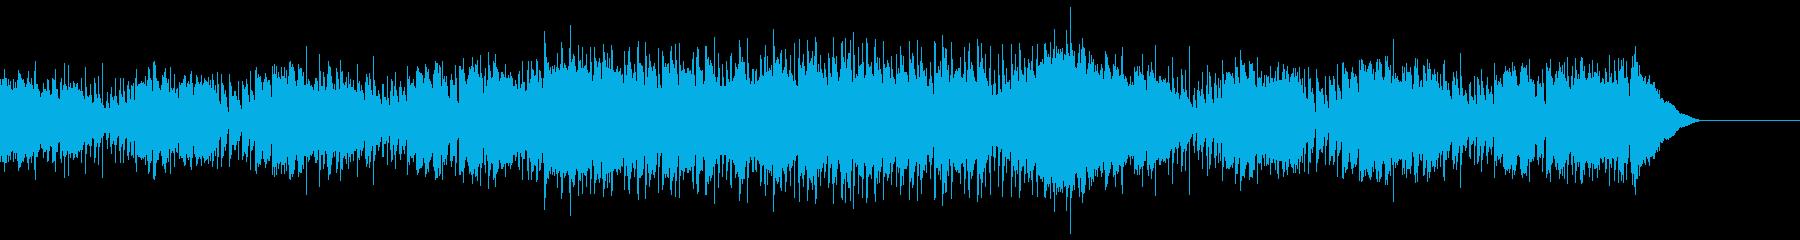 ロマンチック・CM・ラジオ・ジャズの再生済みの波形